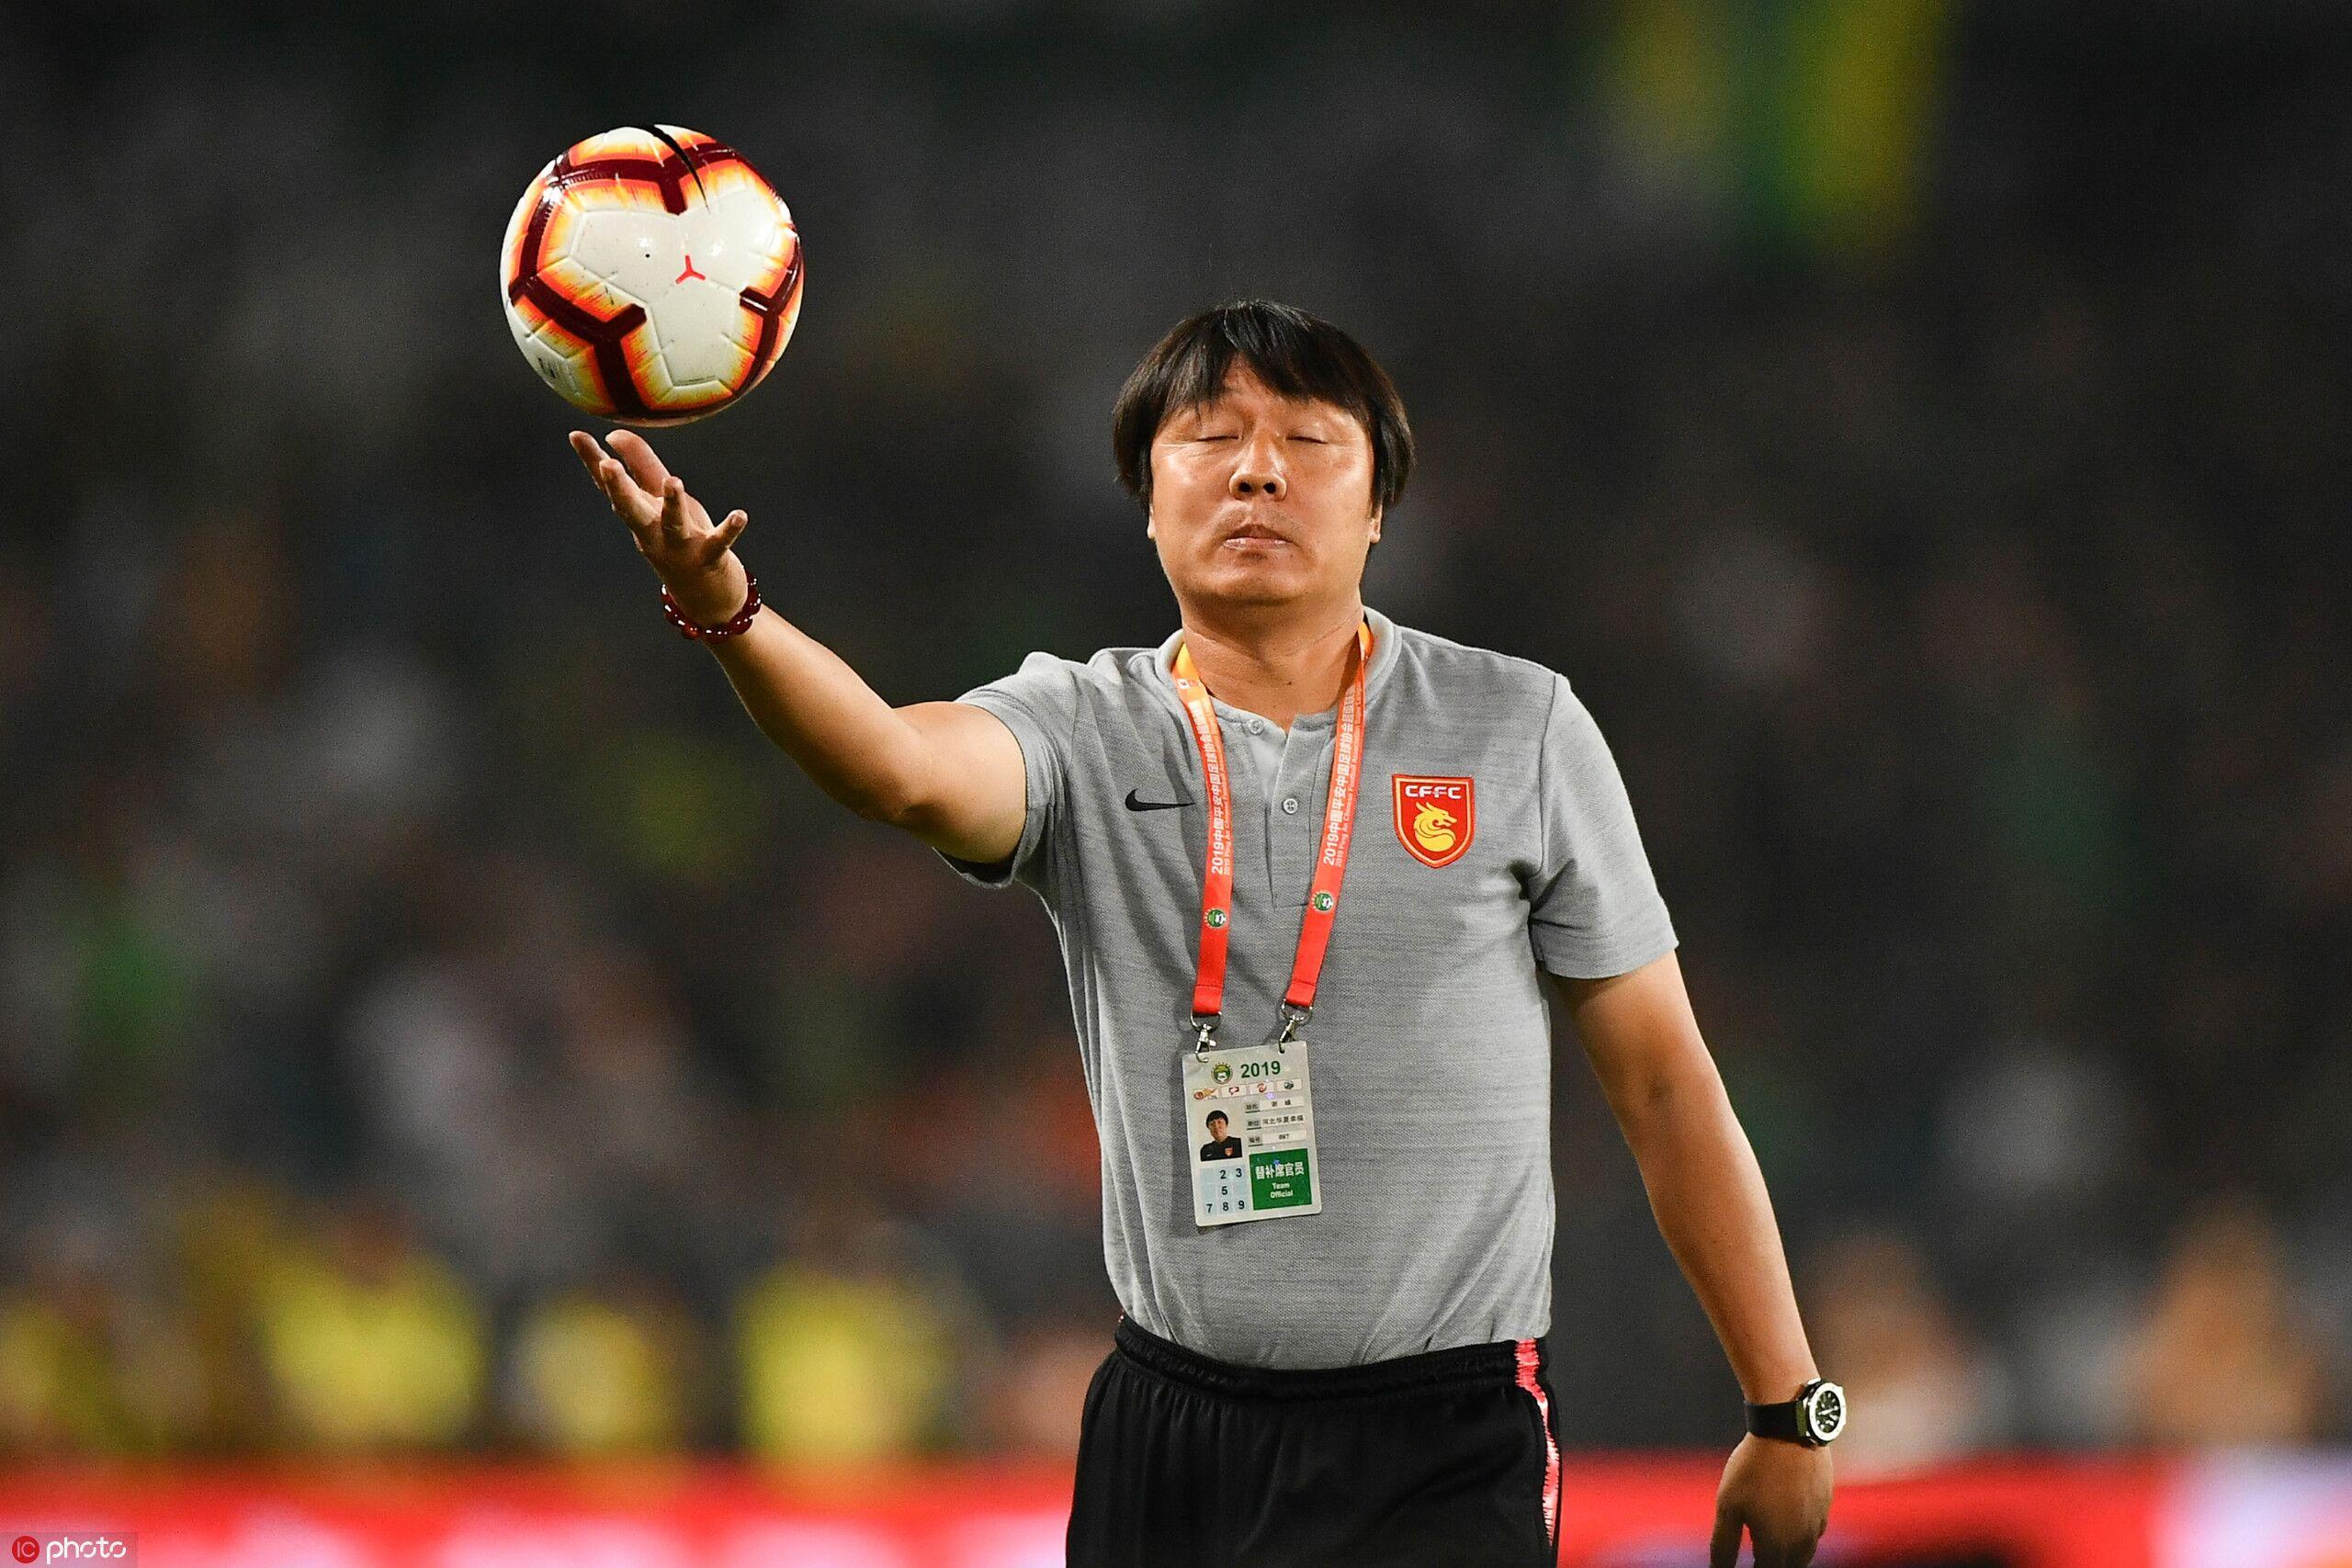 谢峰:为球员的表现骄傲,客场没拿分并不遗憾